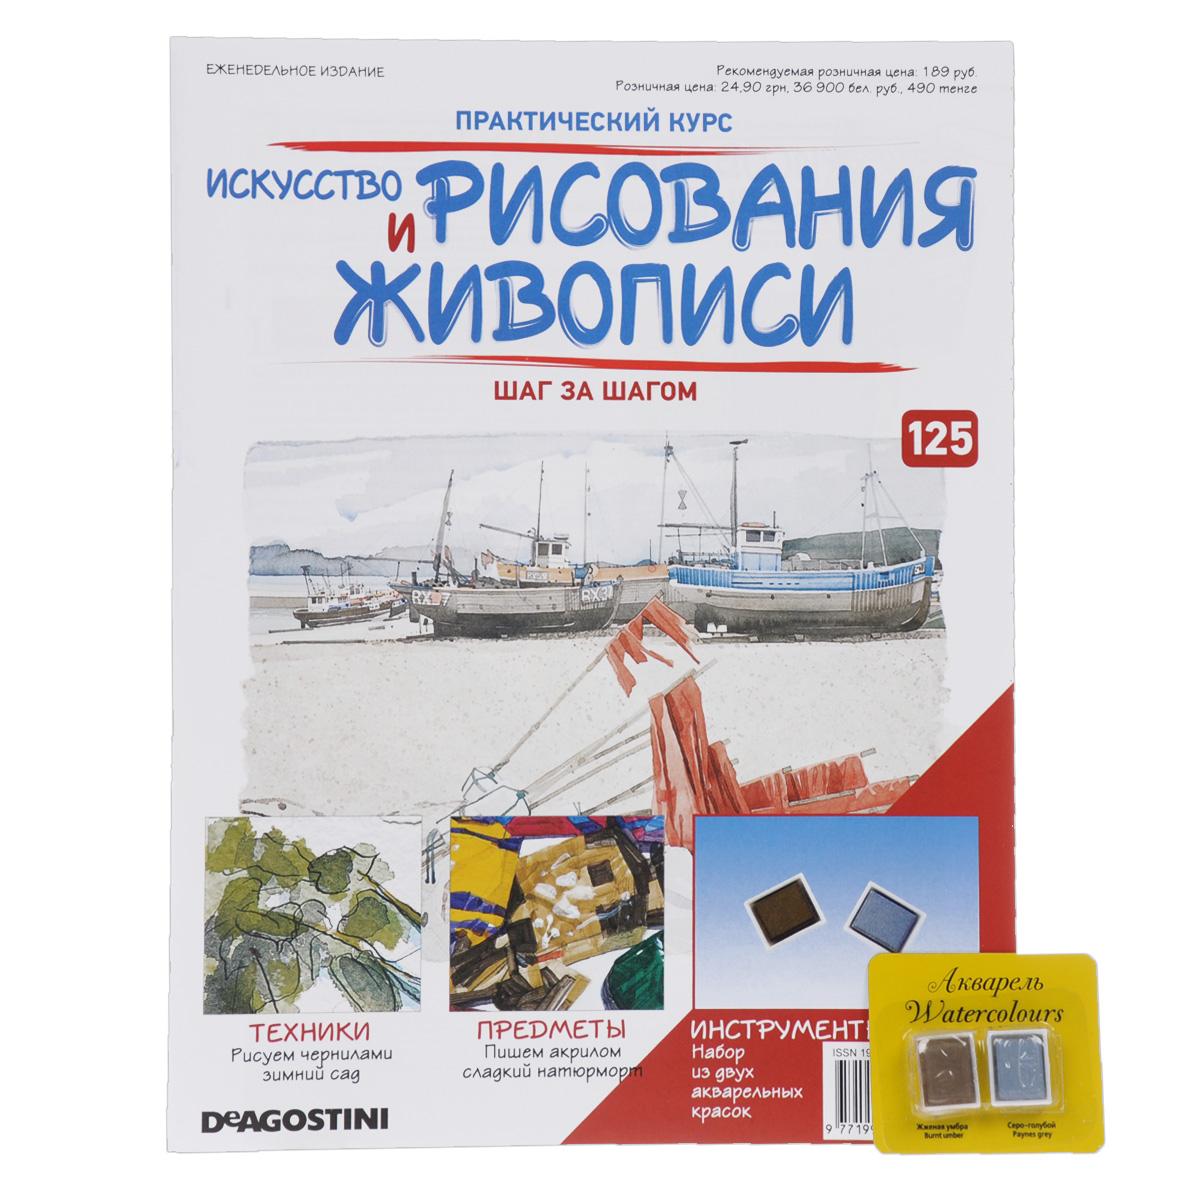 Журнал Искусство рисования и живописи №125 все мандалы мира шаблоны для рисования и расшифровка тайных символов